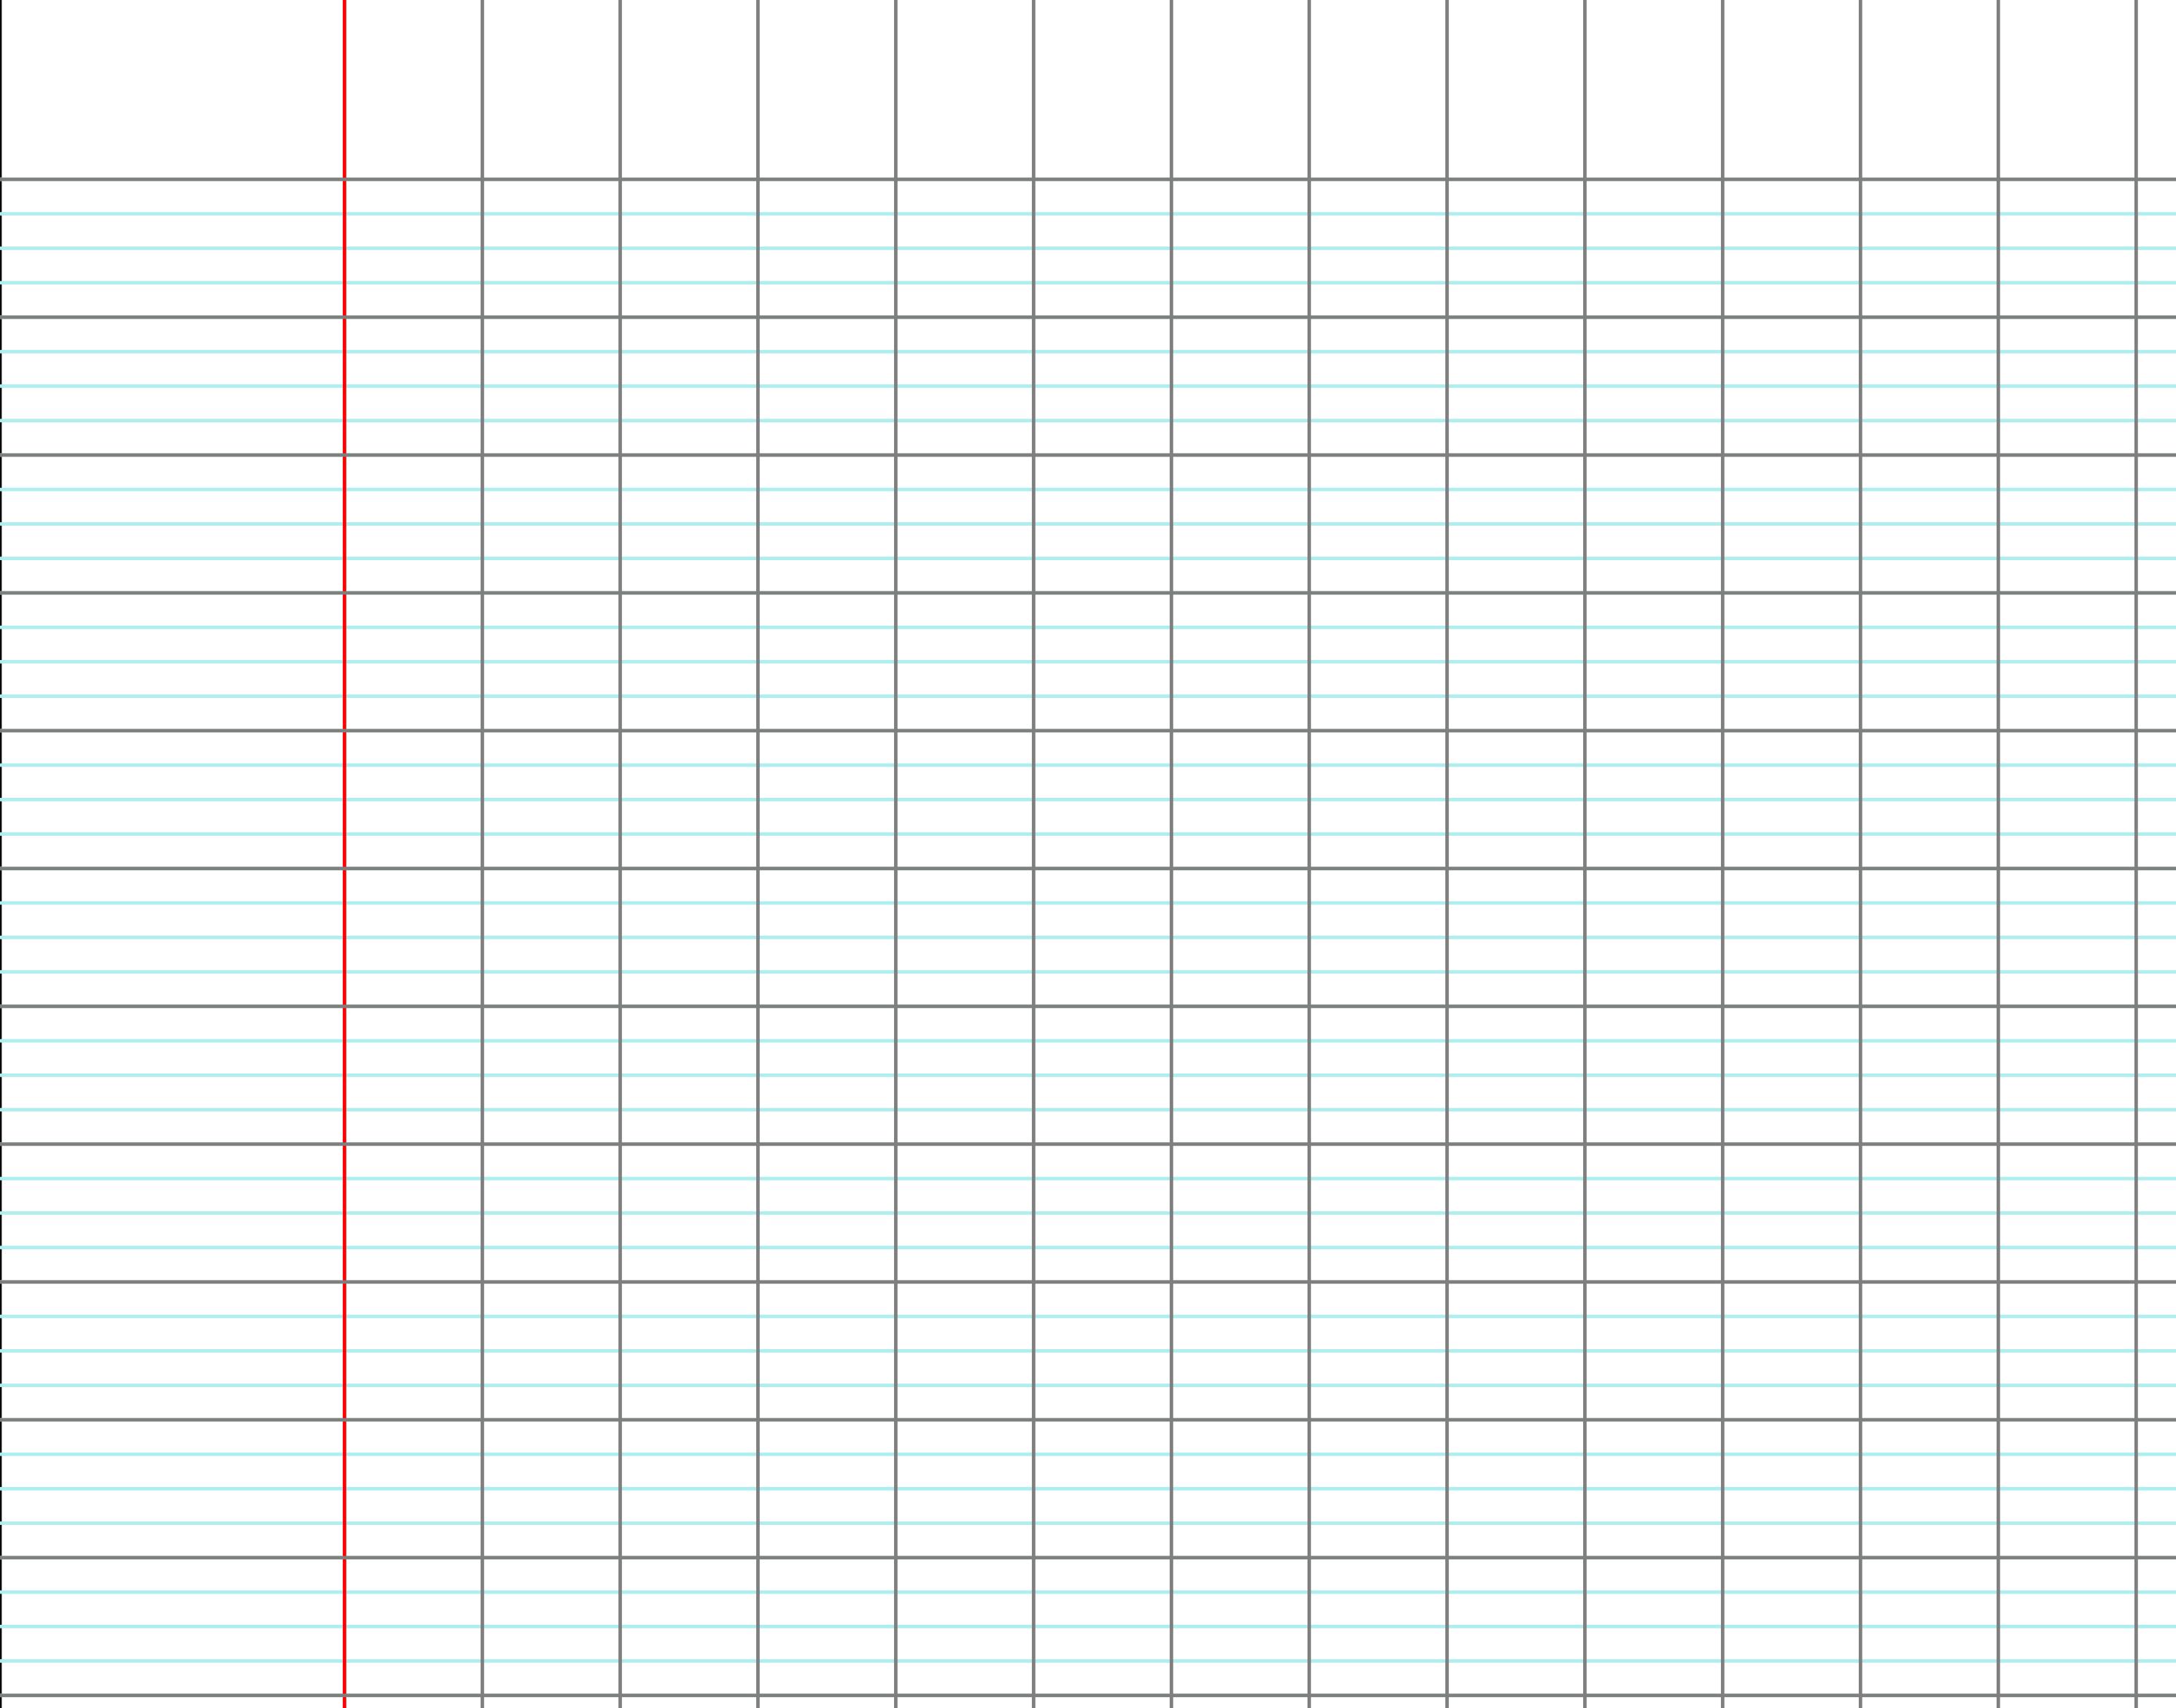 activinspire un quadrillage seyes en fond de paperboard